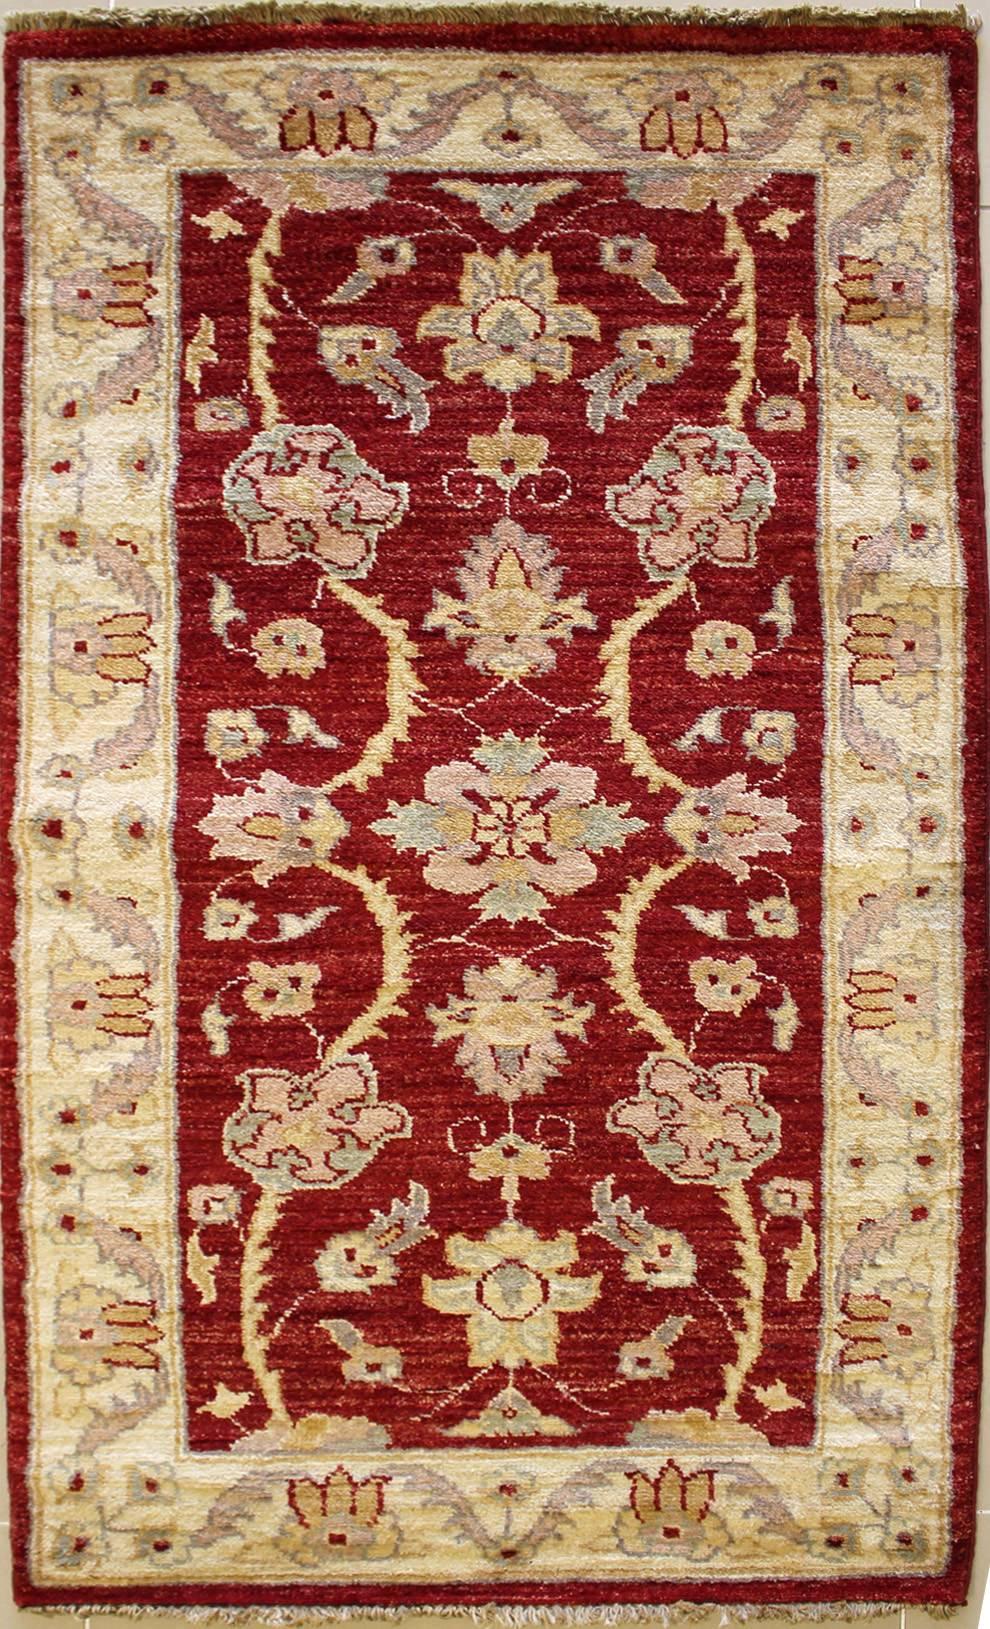 4x4'9 rug - ziegler chobi - handwoven chobi ziegler rugs made with